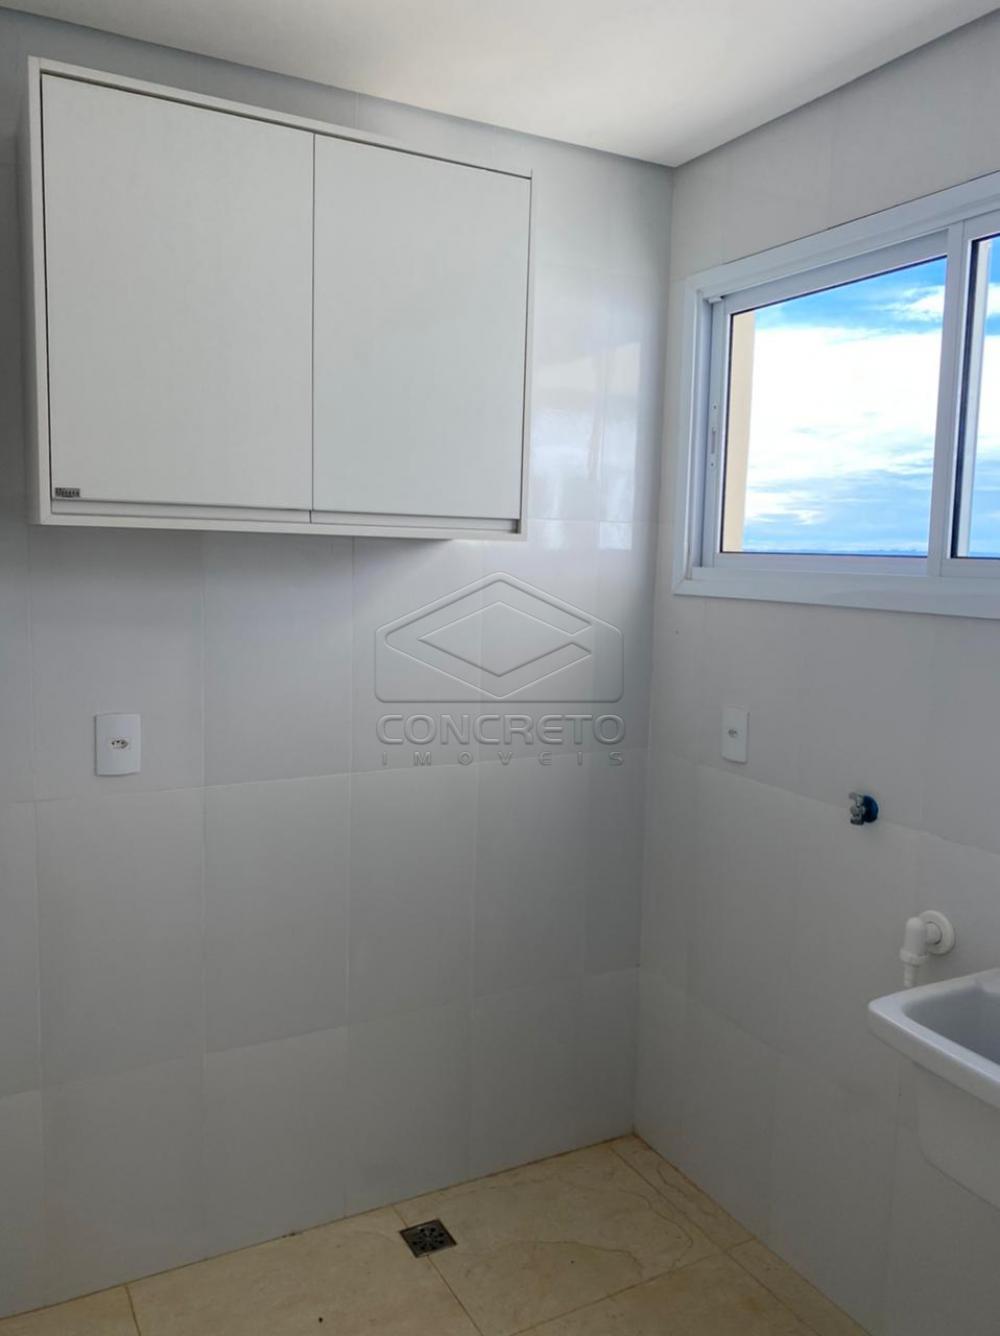 Alugar Apartamento / Padrão em Botucatu apenas R$ 2.500,00 - Foto 6